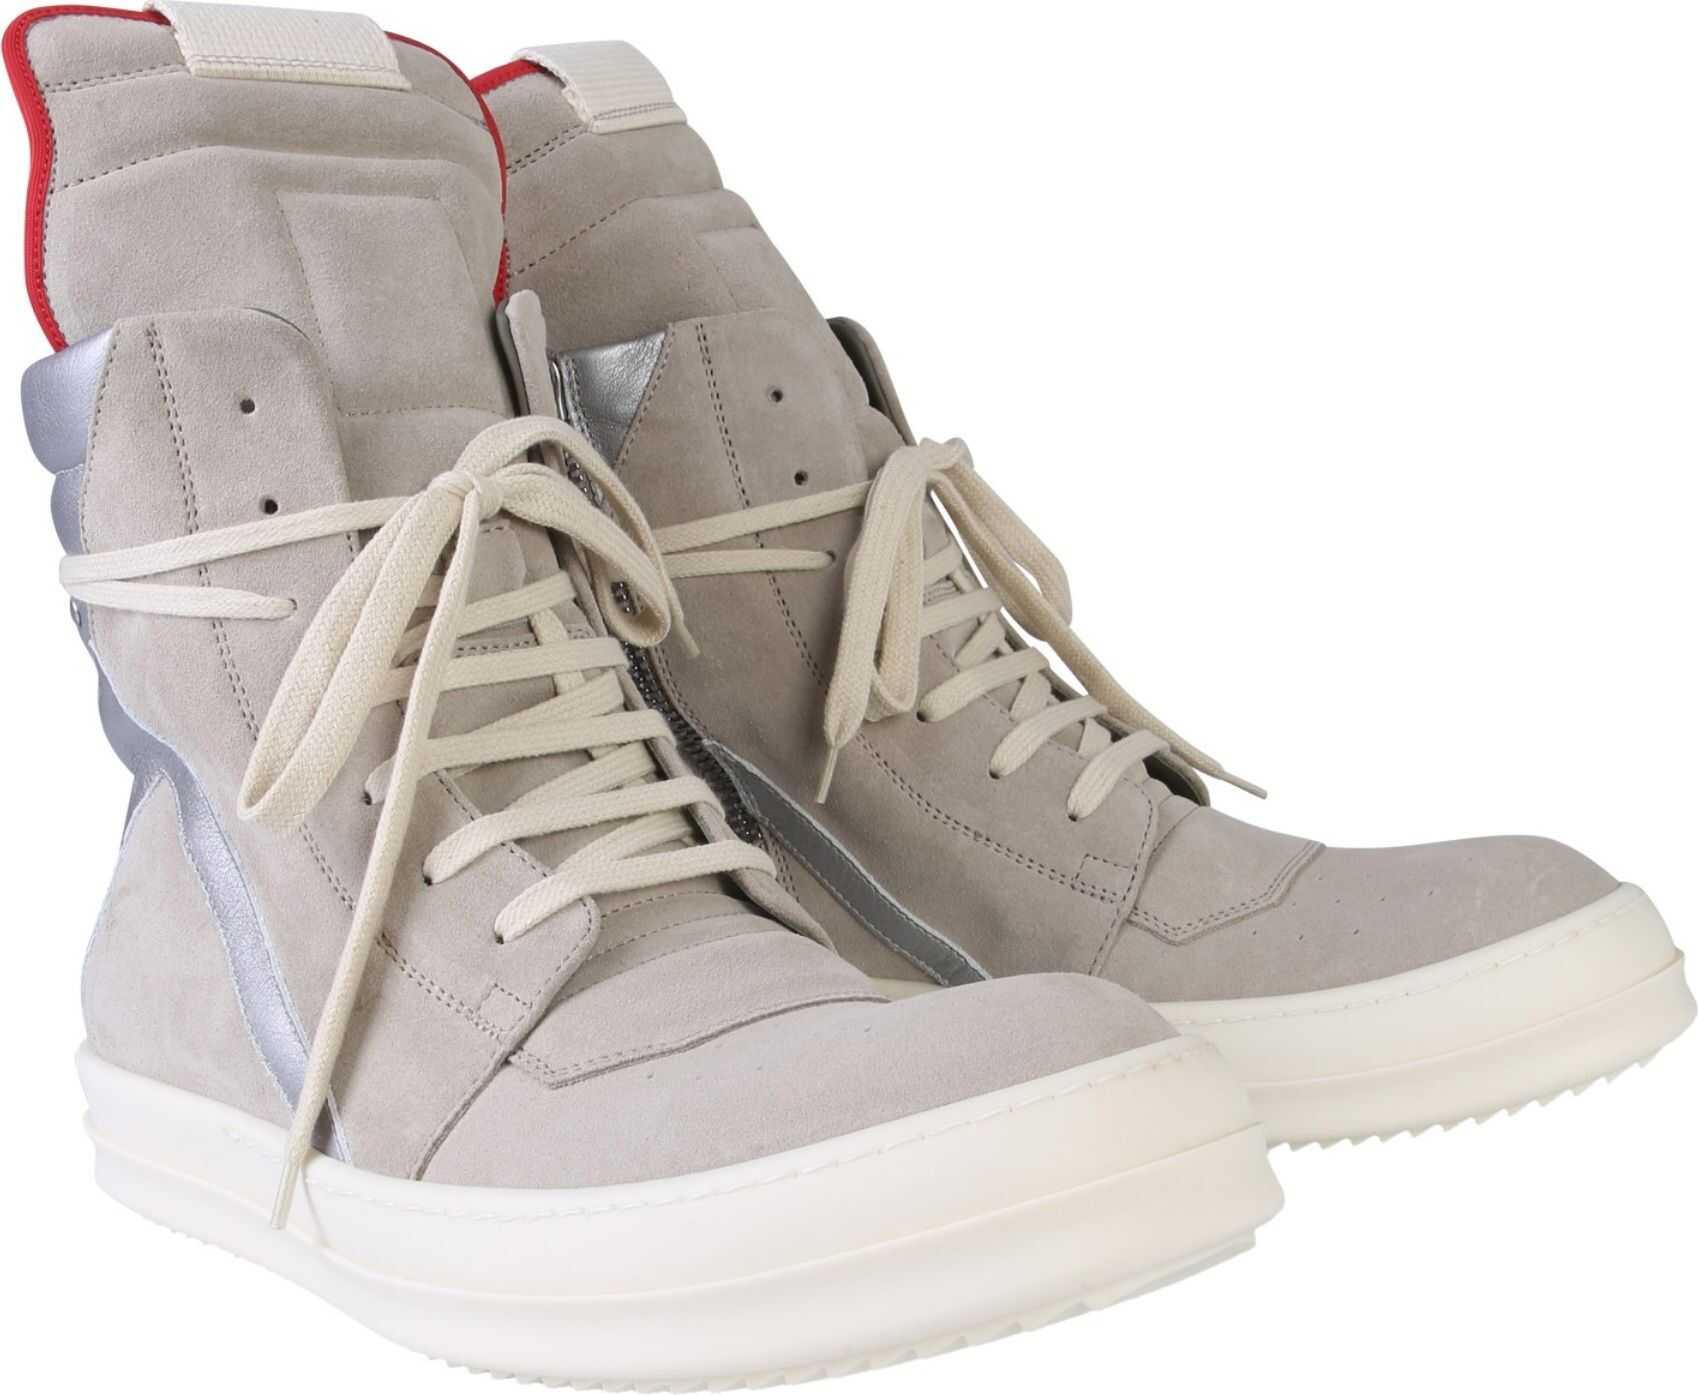 Rick Owens Geobasket Sneakers GREY